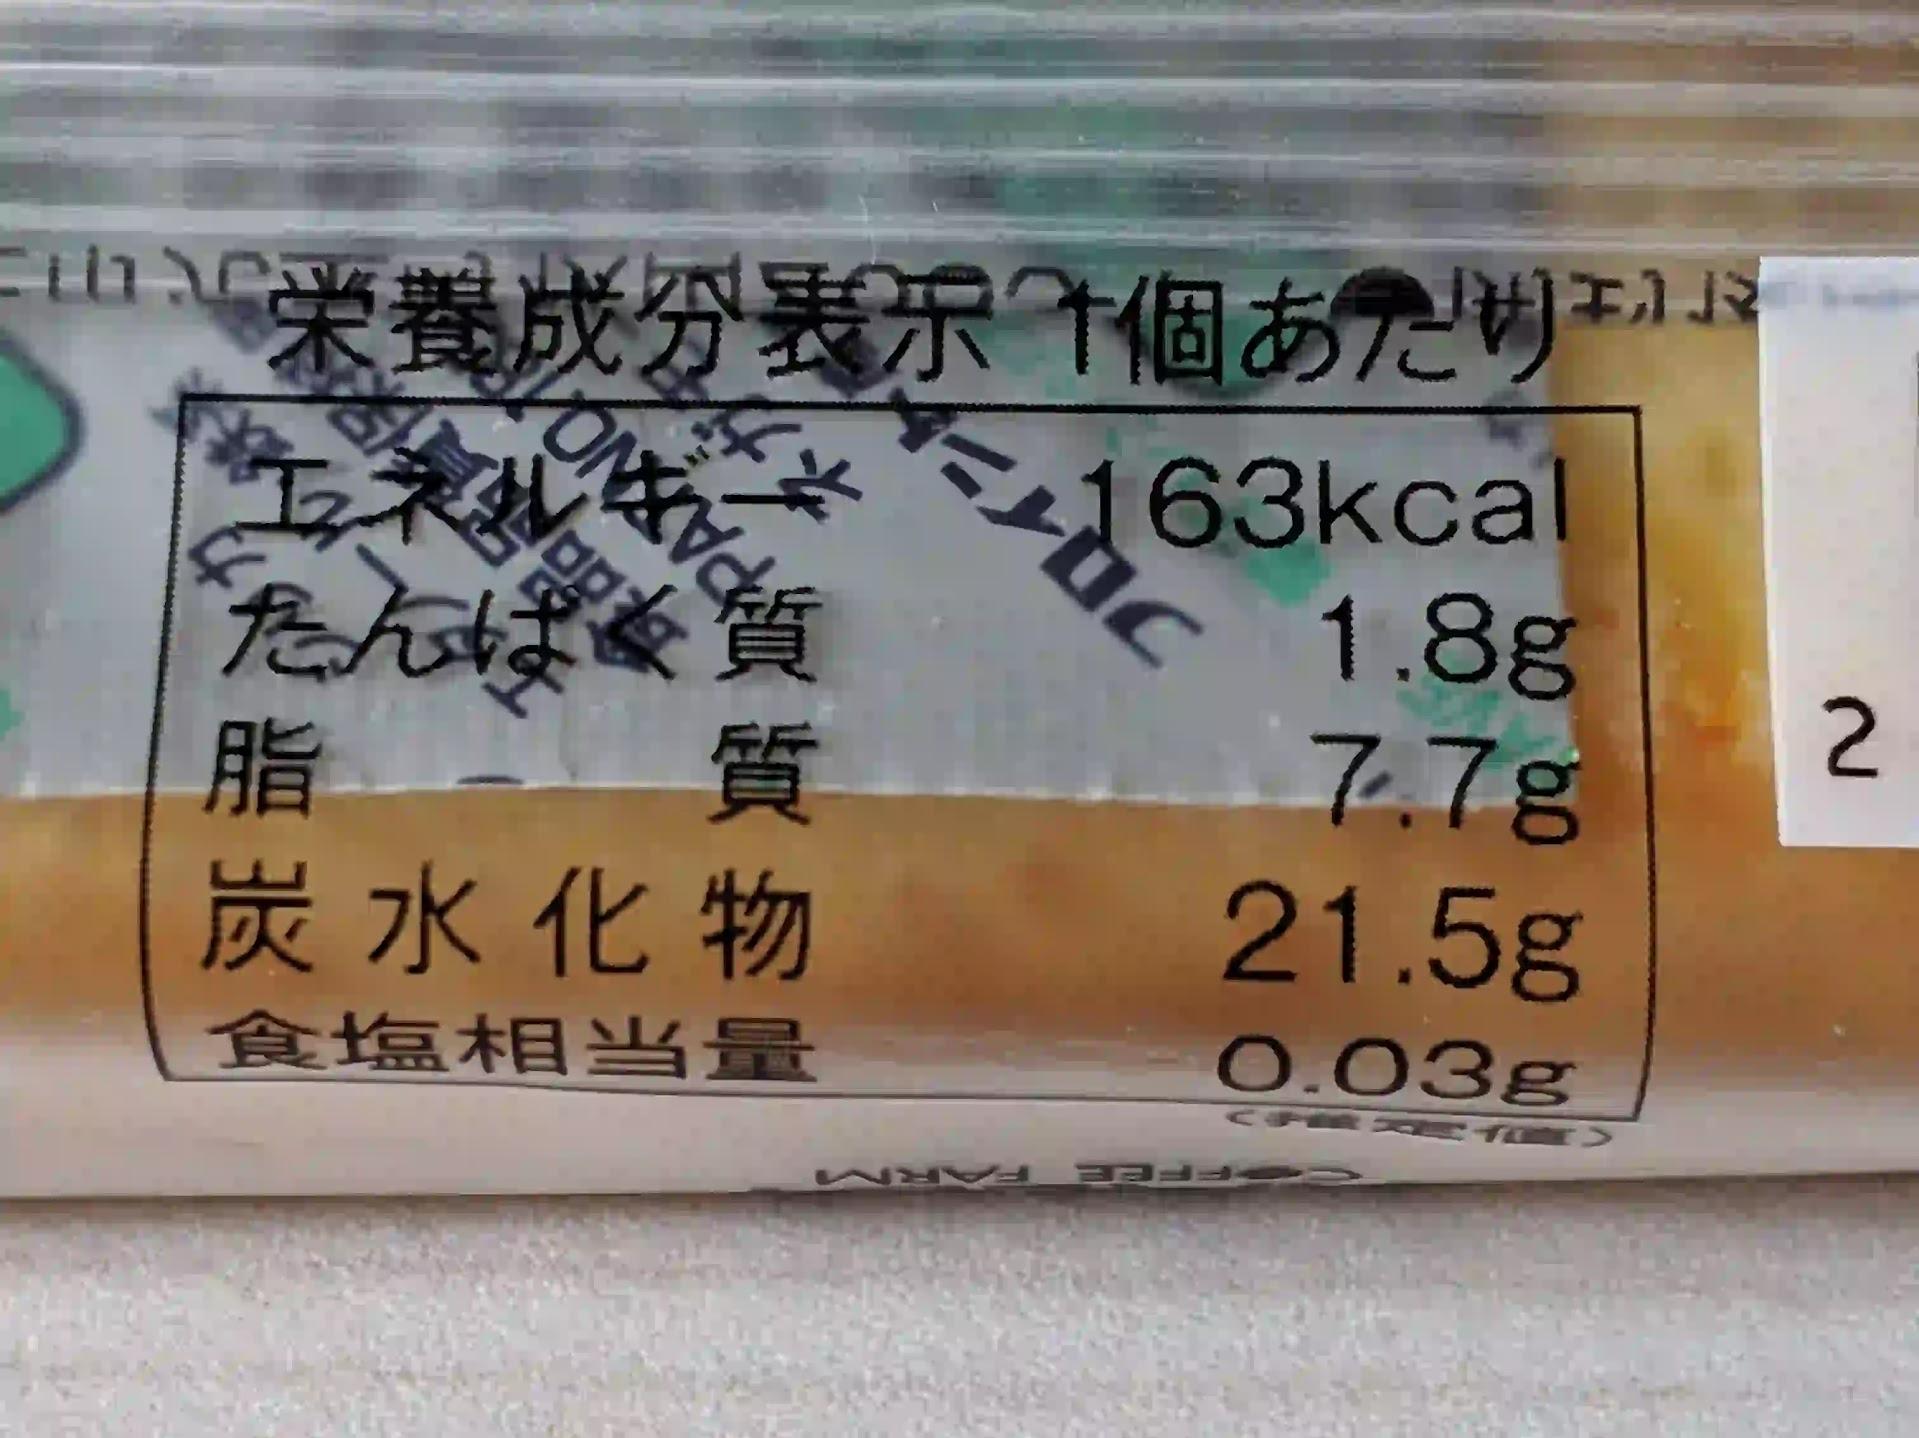 カルディ スティックケーキ 栄養成分表示